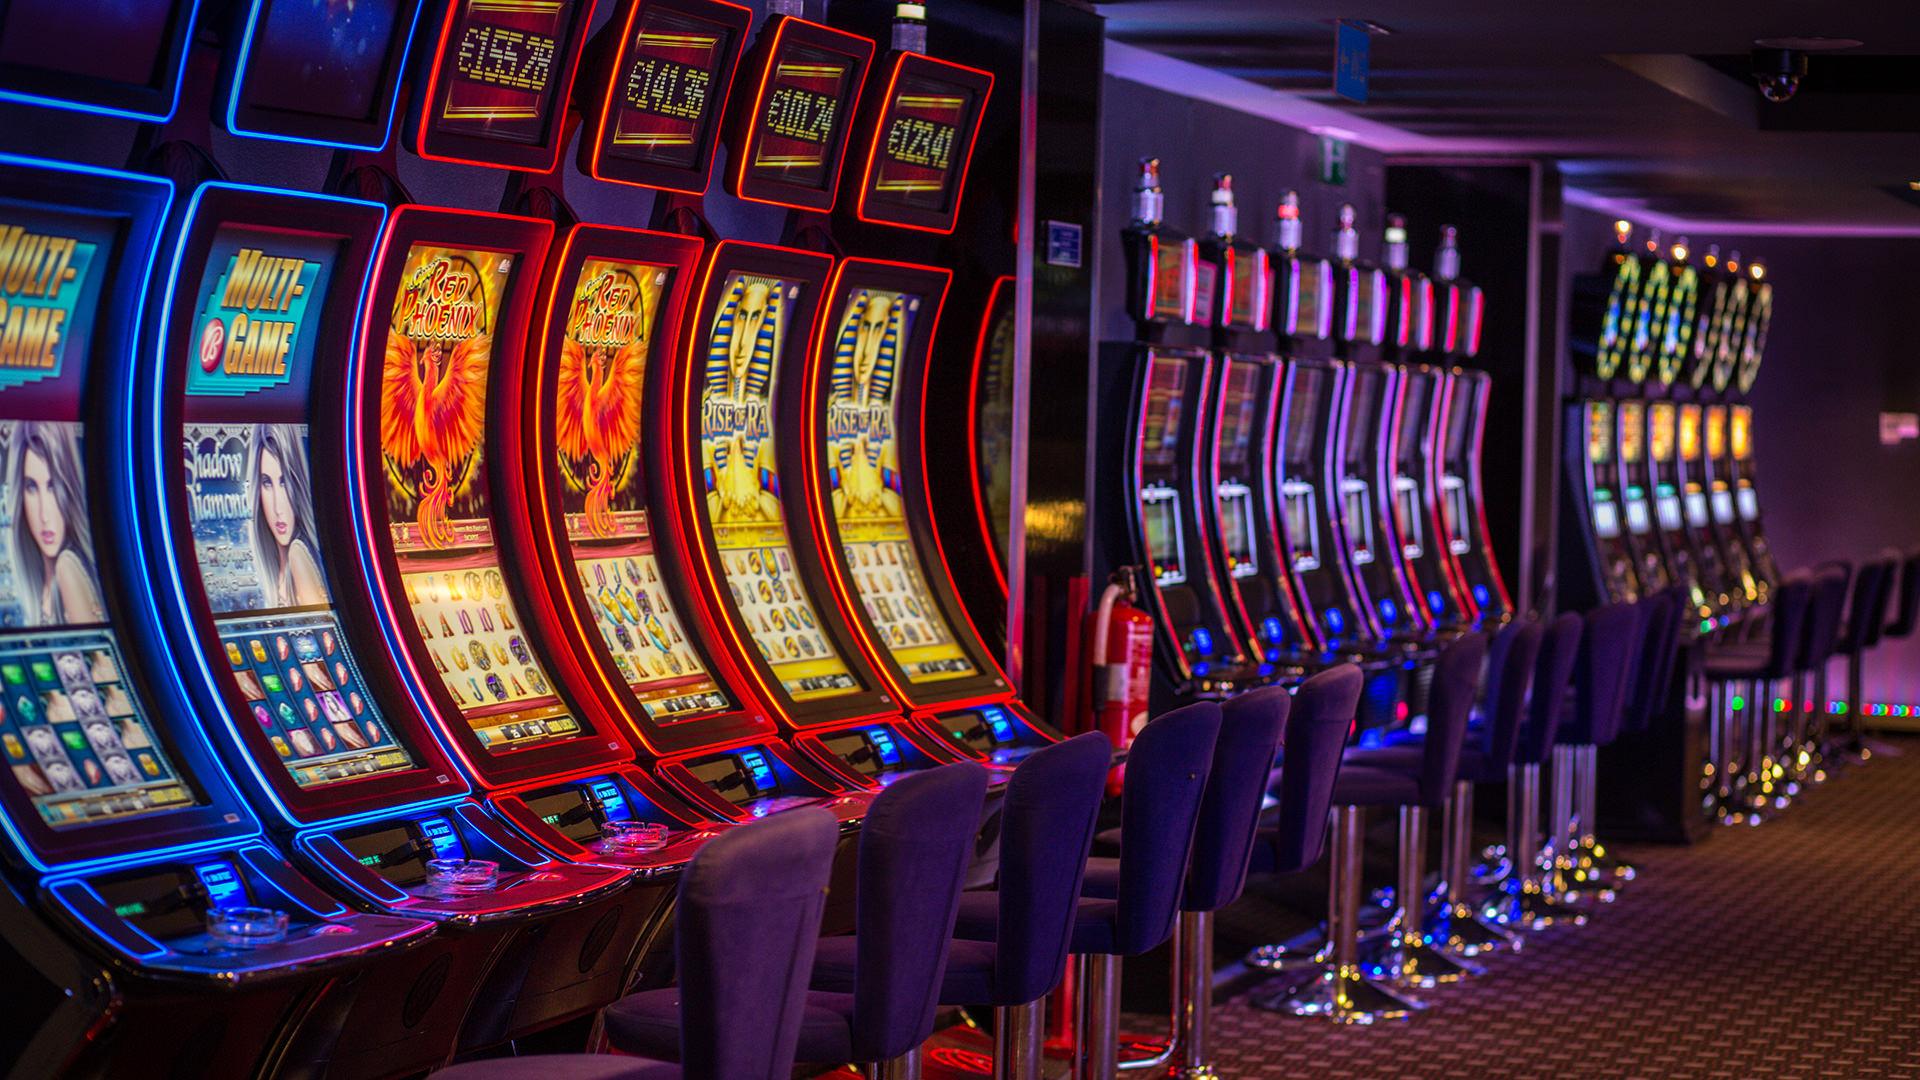 Слот автоматы эмуляторы скачать бесплатно игровые автоматы на фото